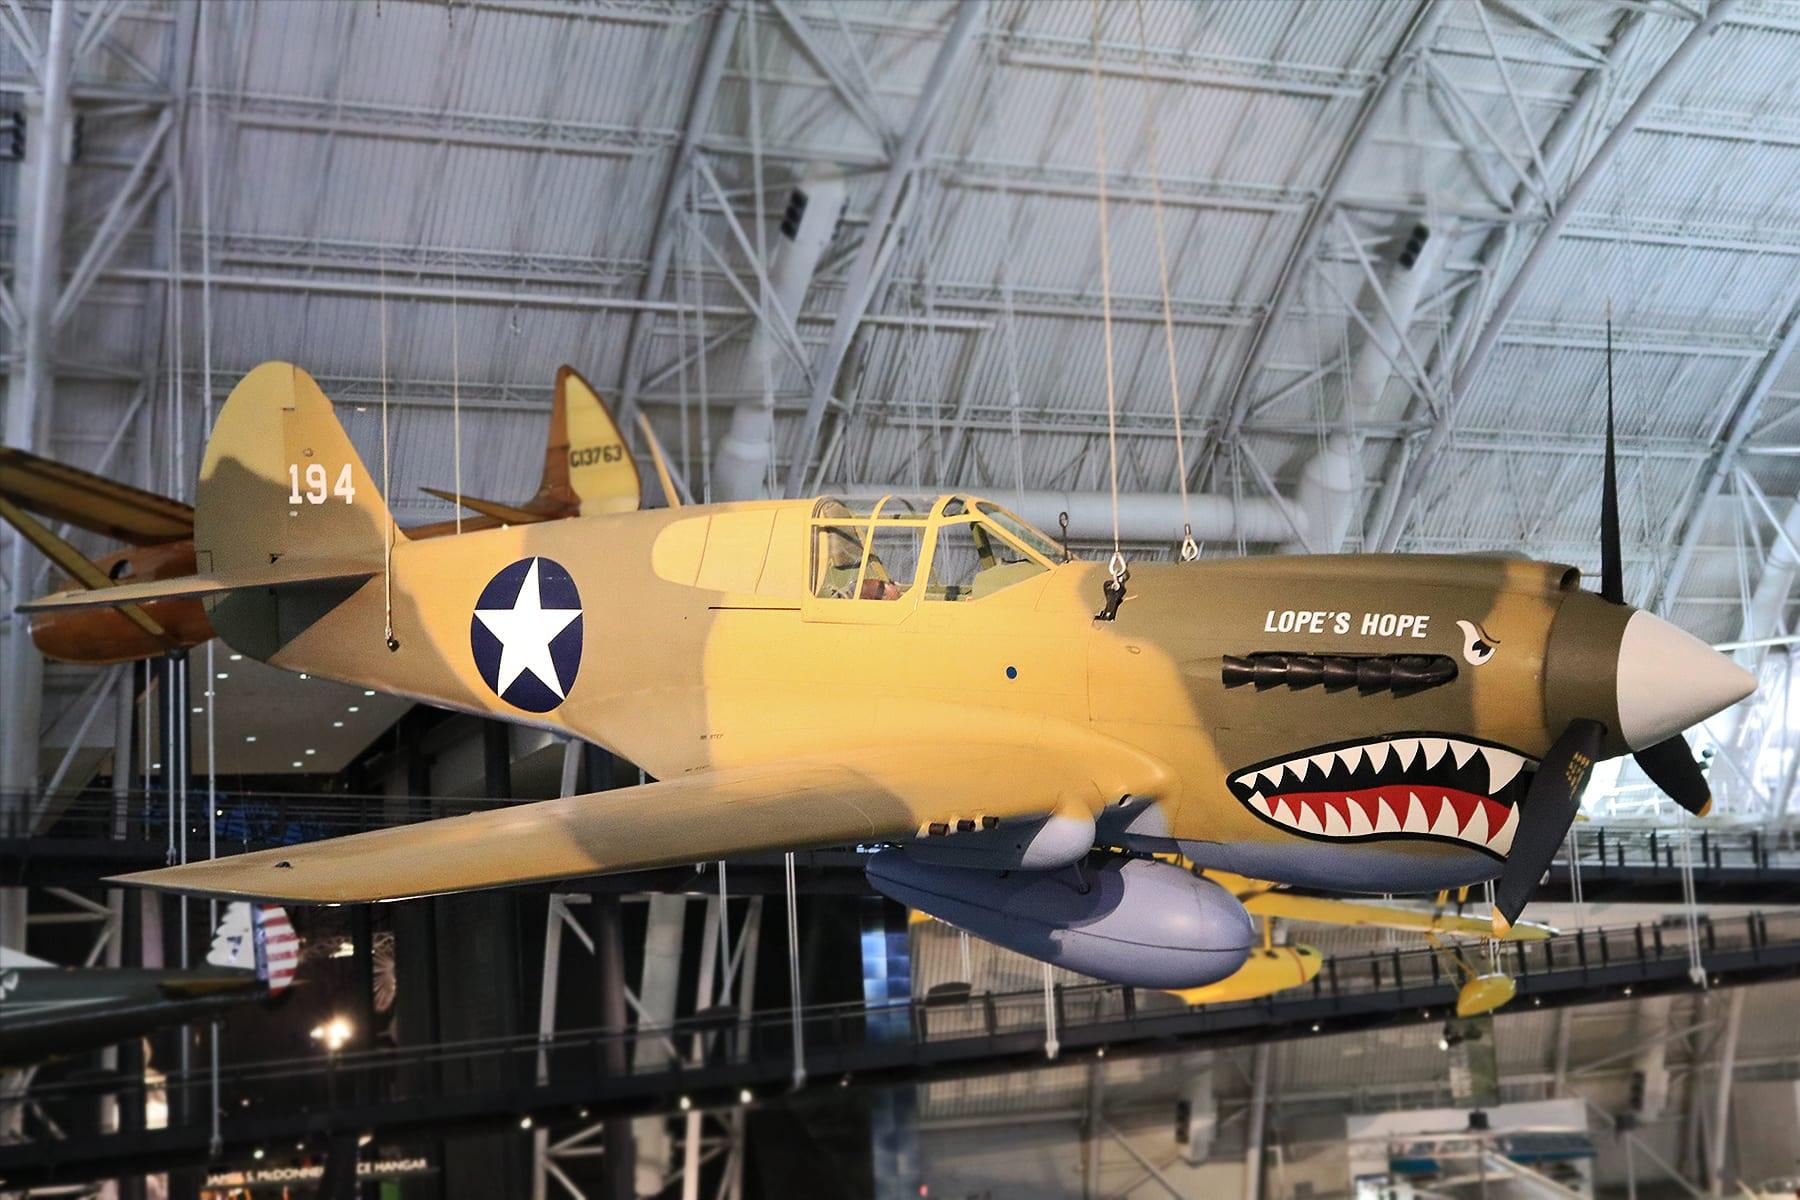 journey-11-VA-airspacemuseum17.jpg